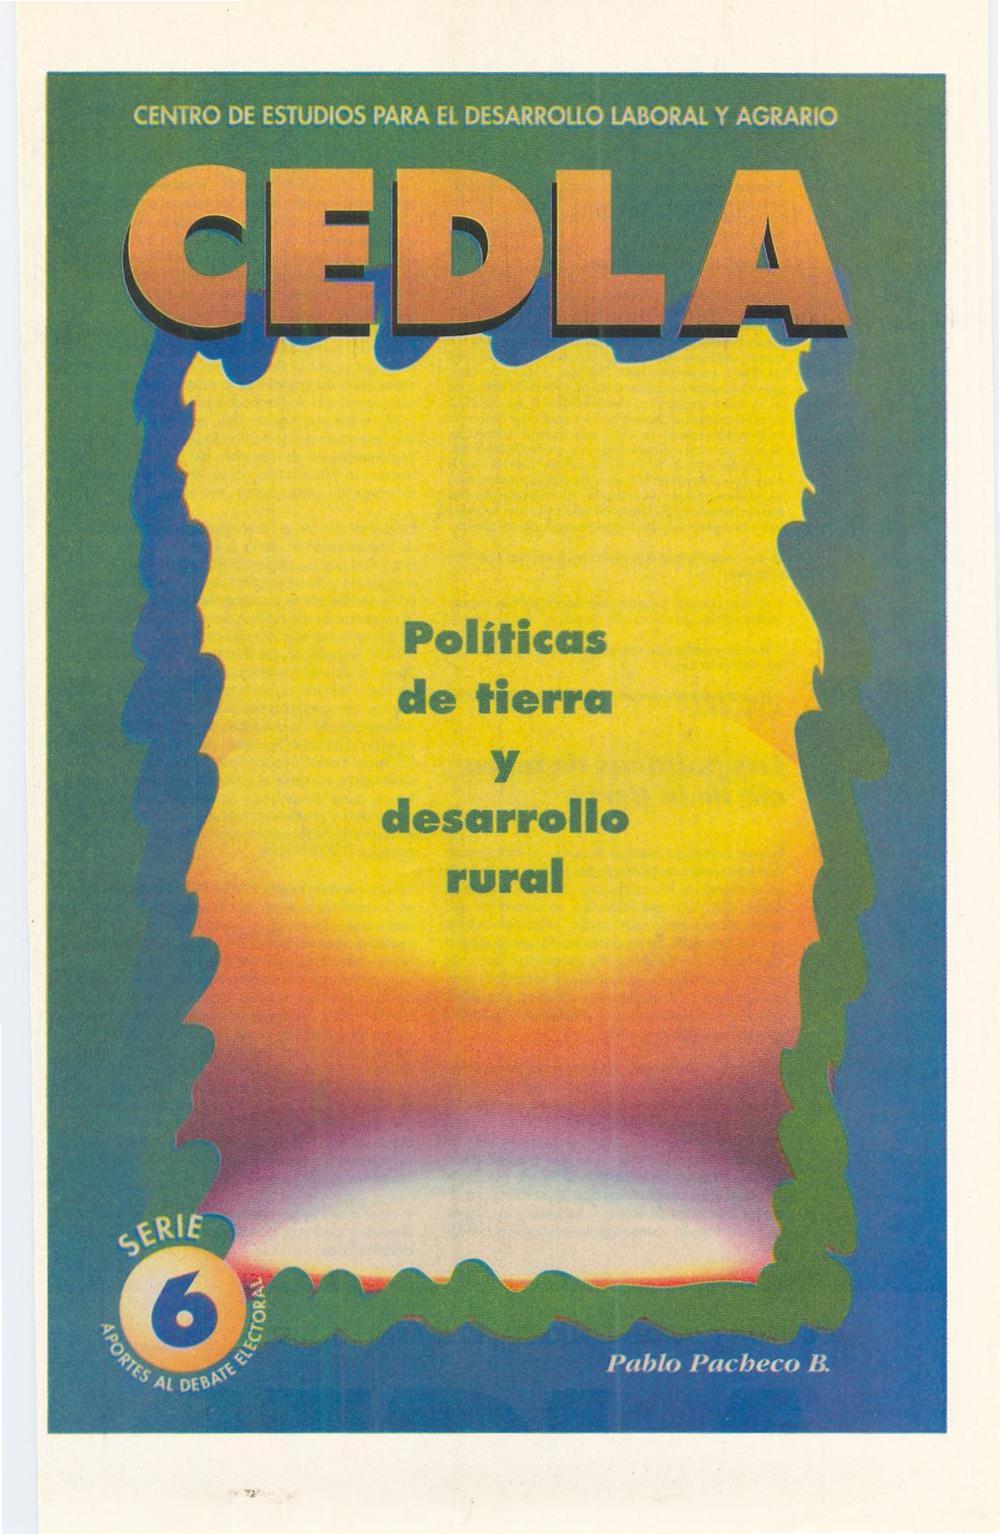 saade_6_politicas_de_tierra_y_desarrollo_rural_001